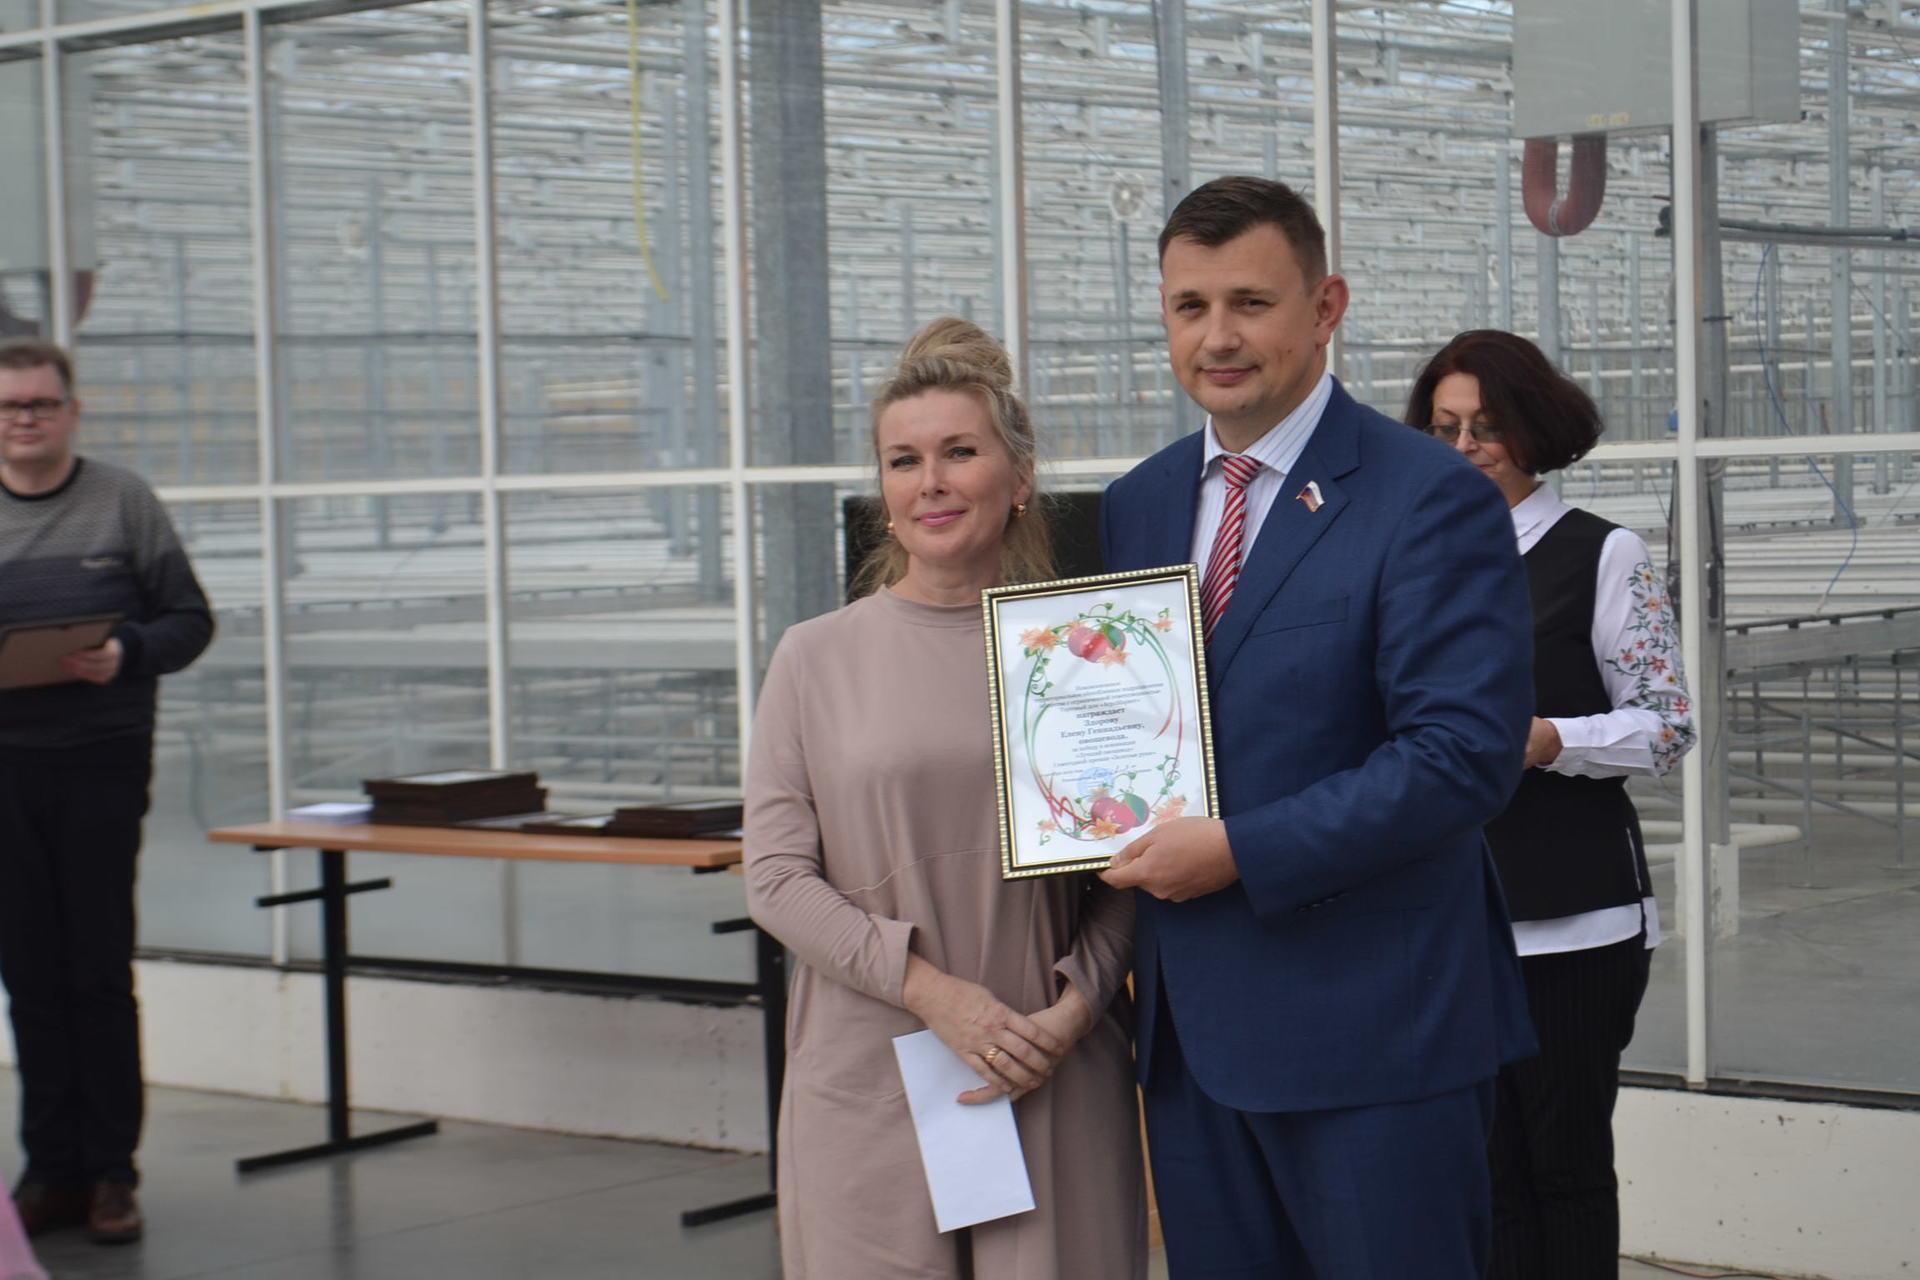 В Ширино на тепличном комбинате отметили День работника сельского хозяйства и перерабатывающей промышленности